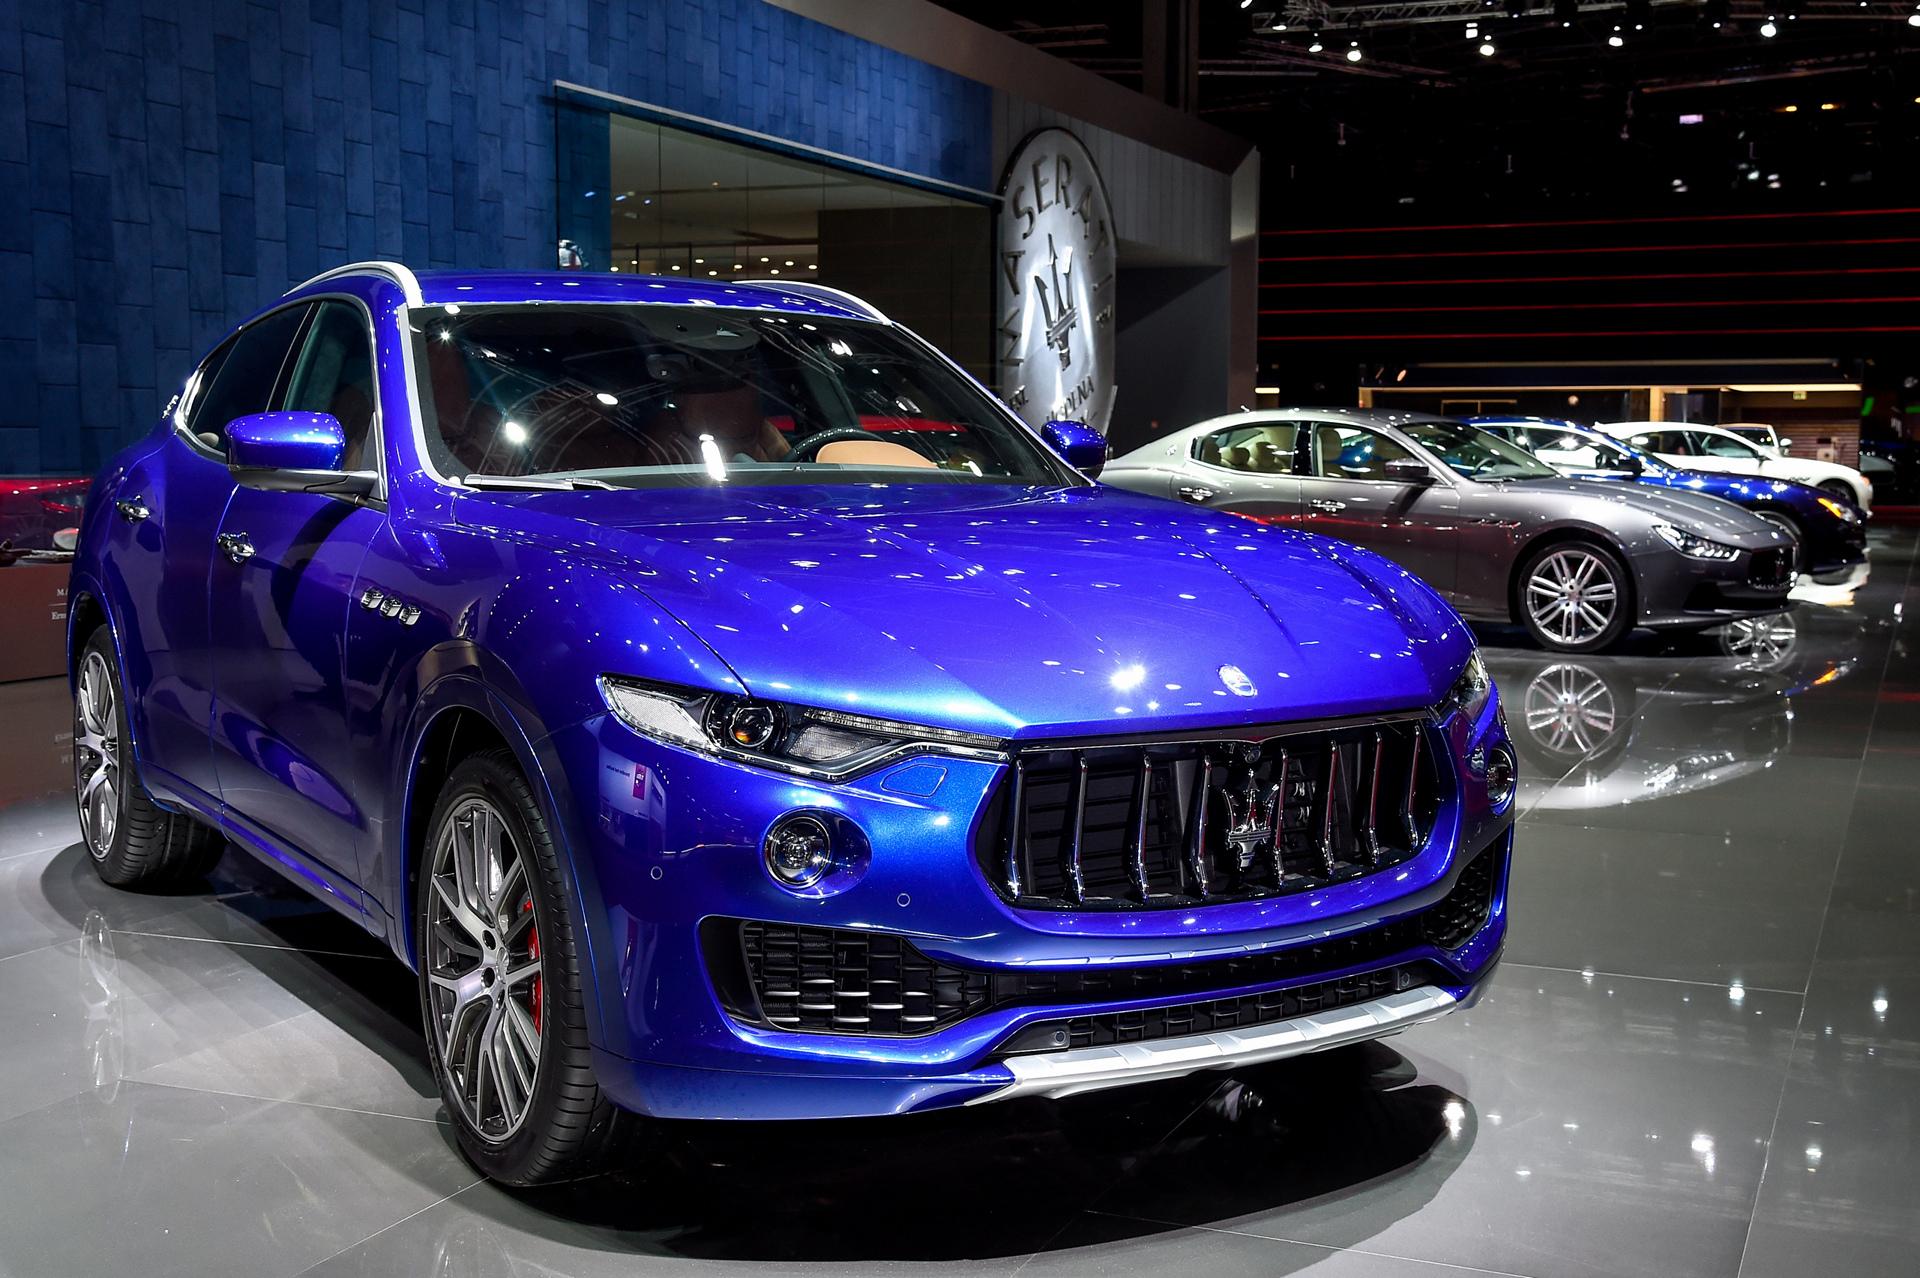 Maserati Levante S © Fiat Chrysler Automobiles N.V.